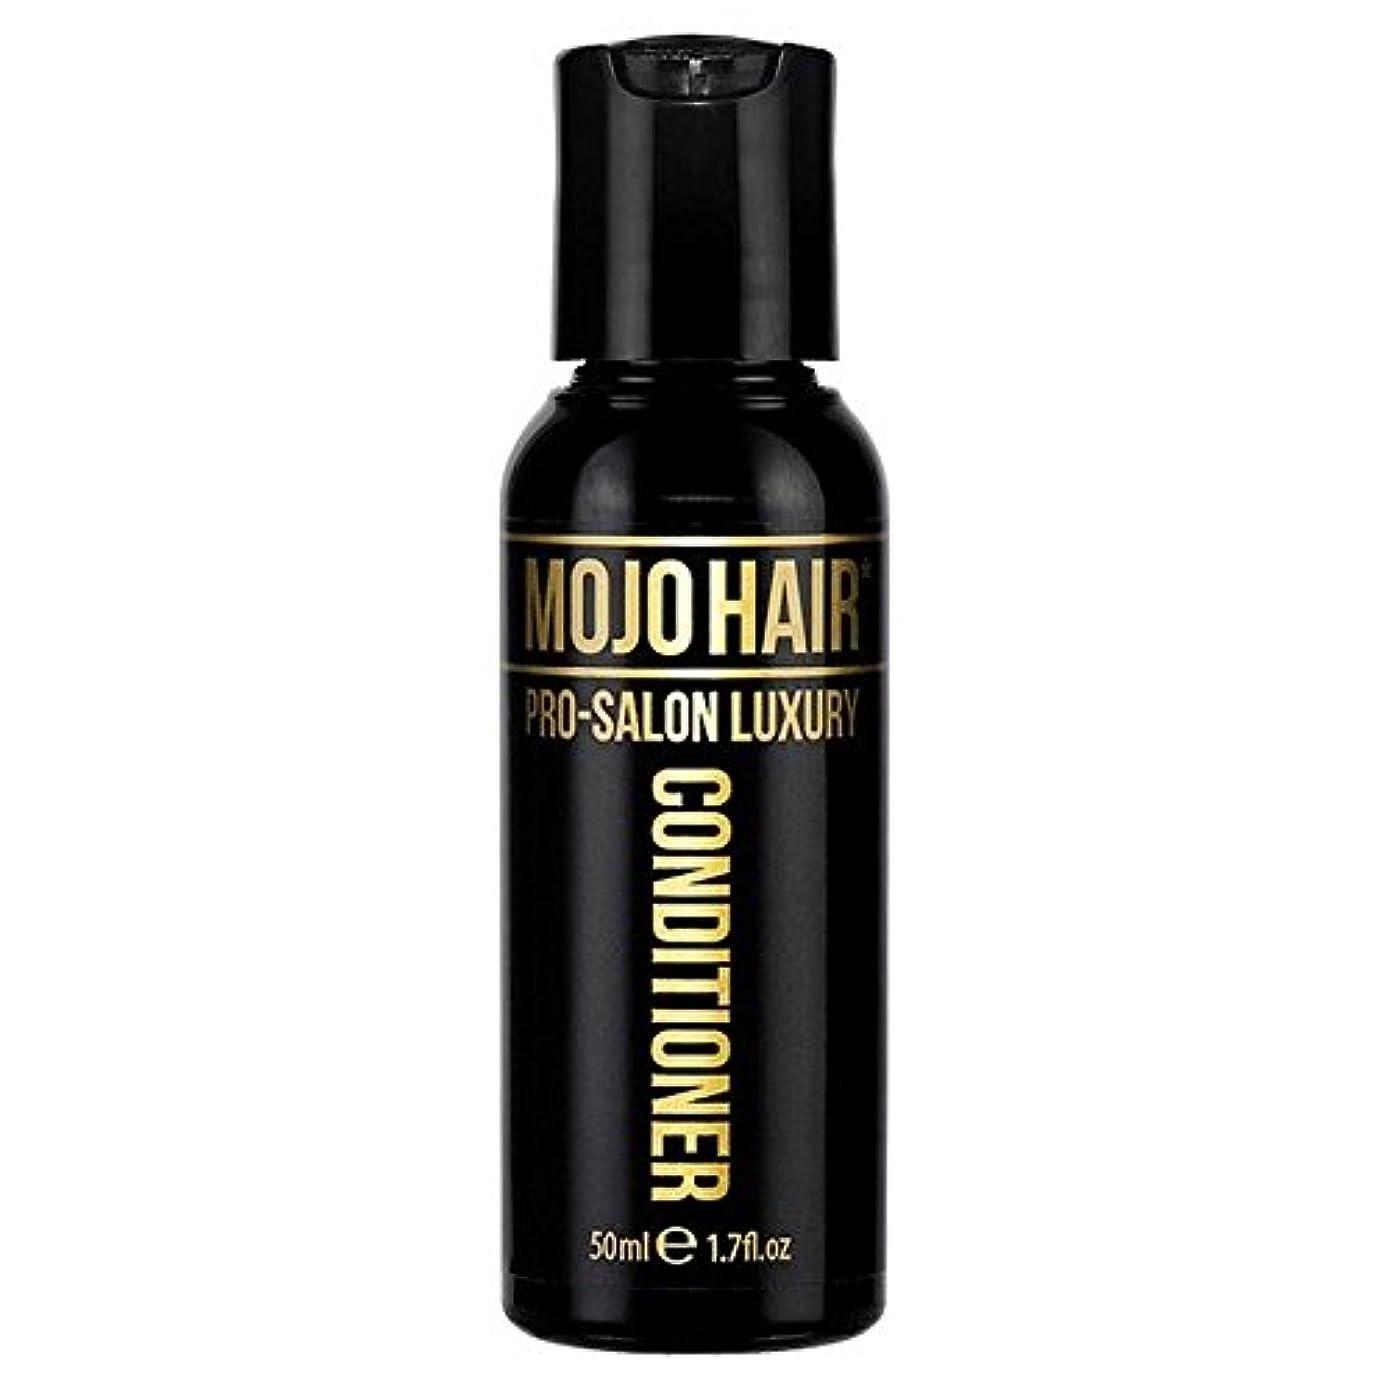 またね広げるレンズMOJO HAIR Pro-Salon Luxury Fragrance Conditioner for Men, Travel Size 50ml (Pack of 6) - 男性のためのモジョの毛プロのサロンの贅沢な...